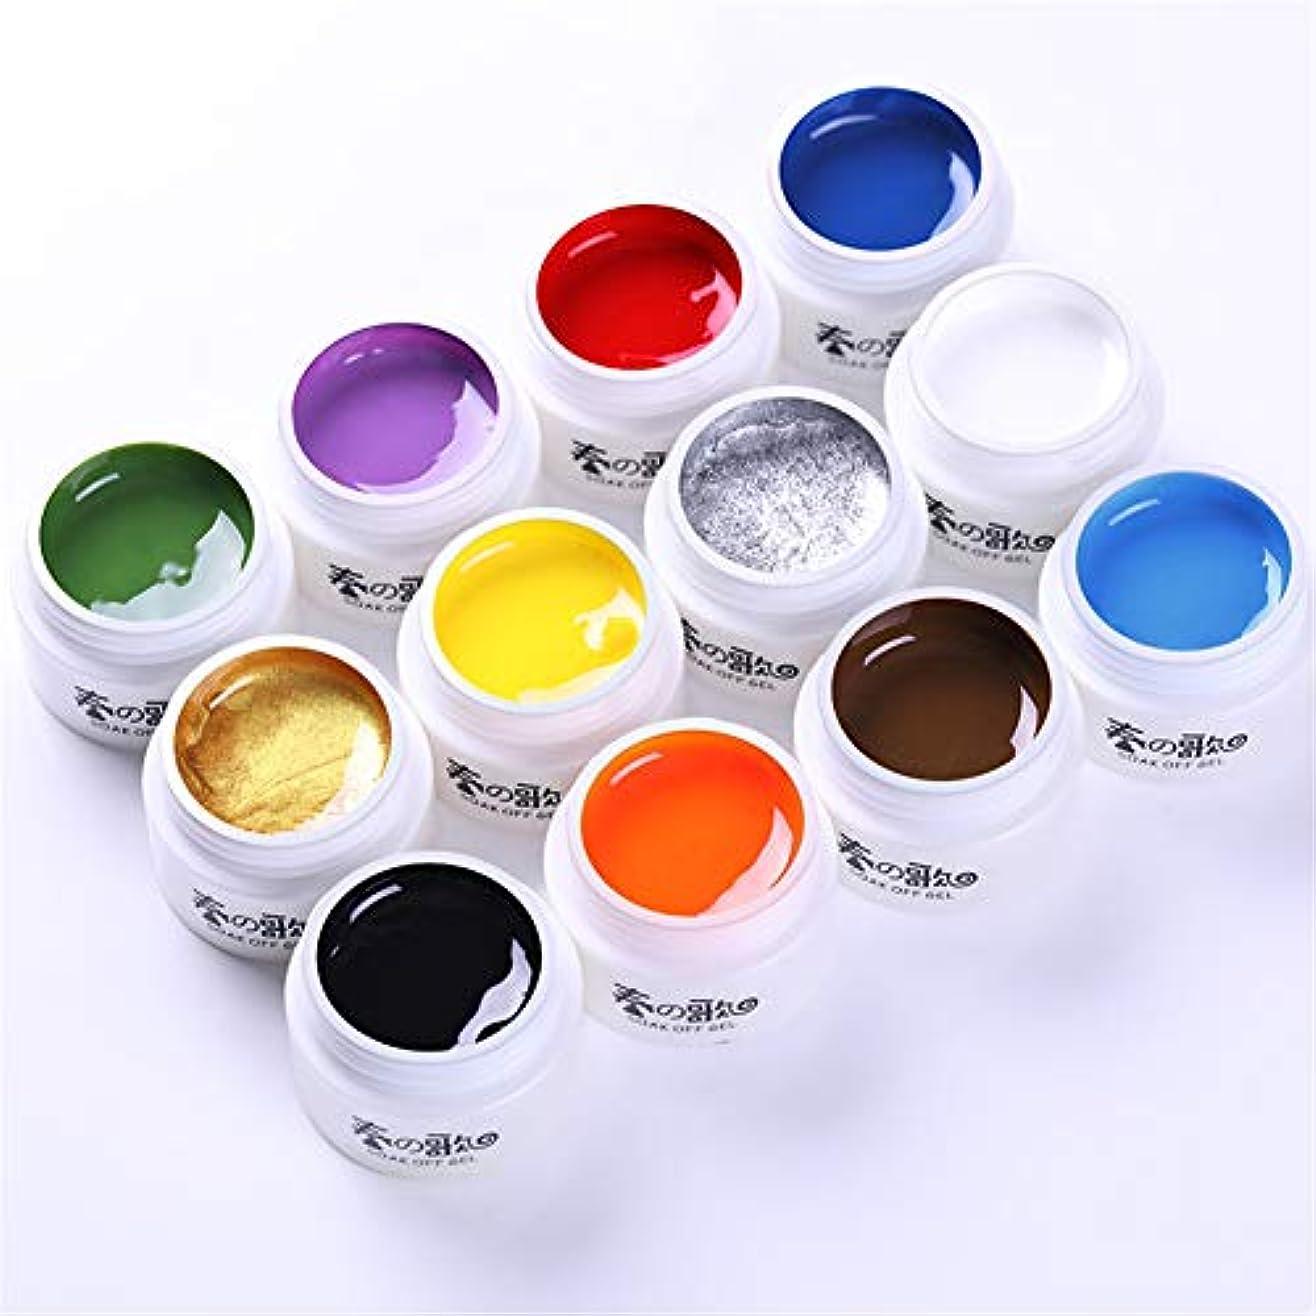 リブスクランブル領域春の歌 アート専用のカラージェル ライナージェル ものすごく色が濃いカラージェル ラインを引くためのジェル、アクリル絵の具よりも柔らかく使いやすいジェル LED/UV両方対応 [並行輸入品]